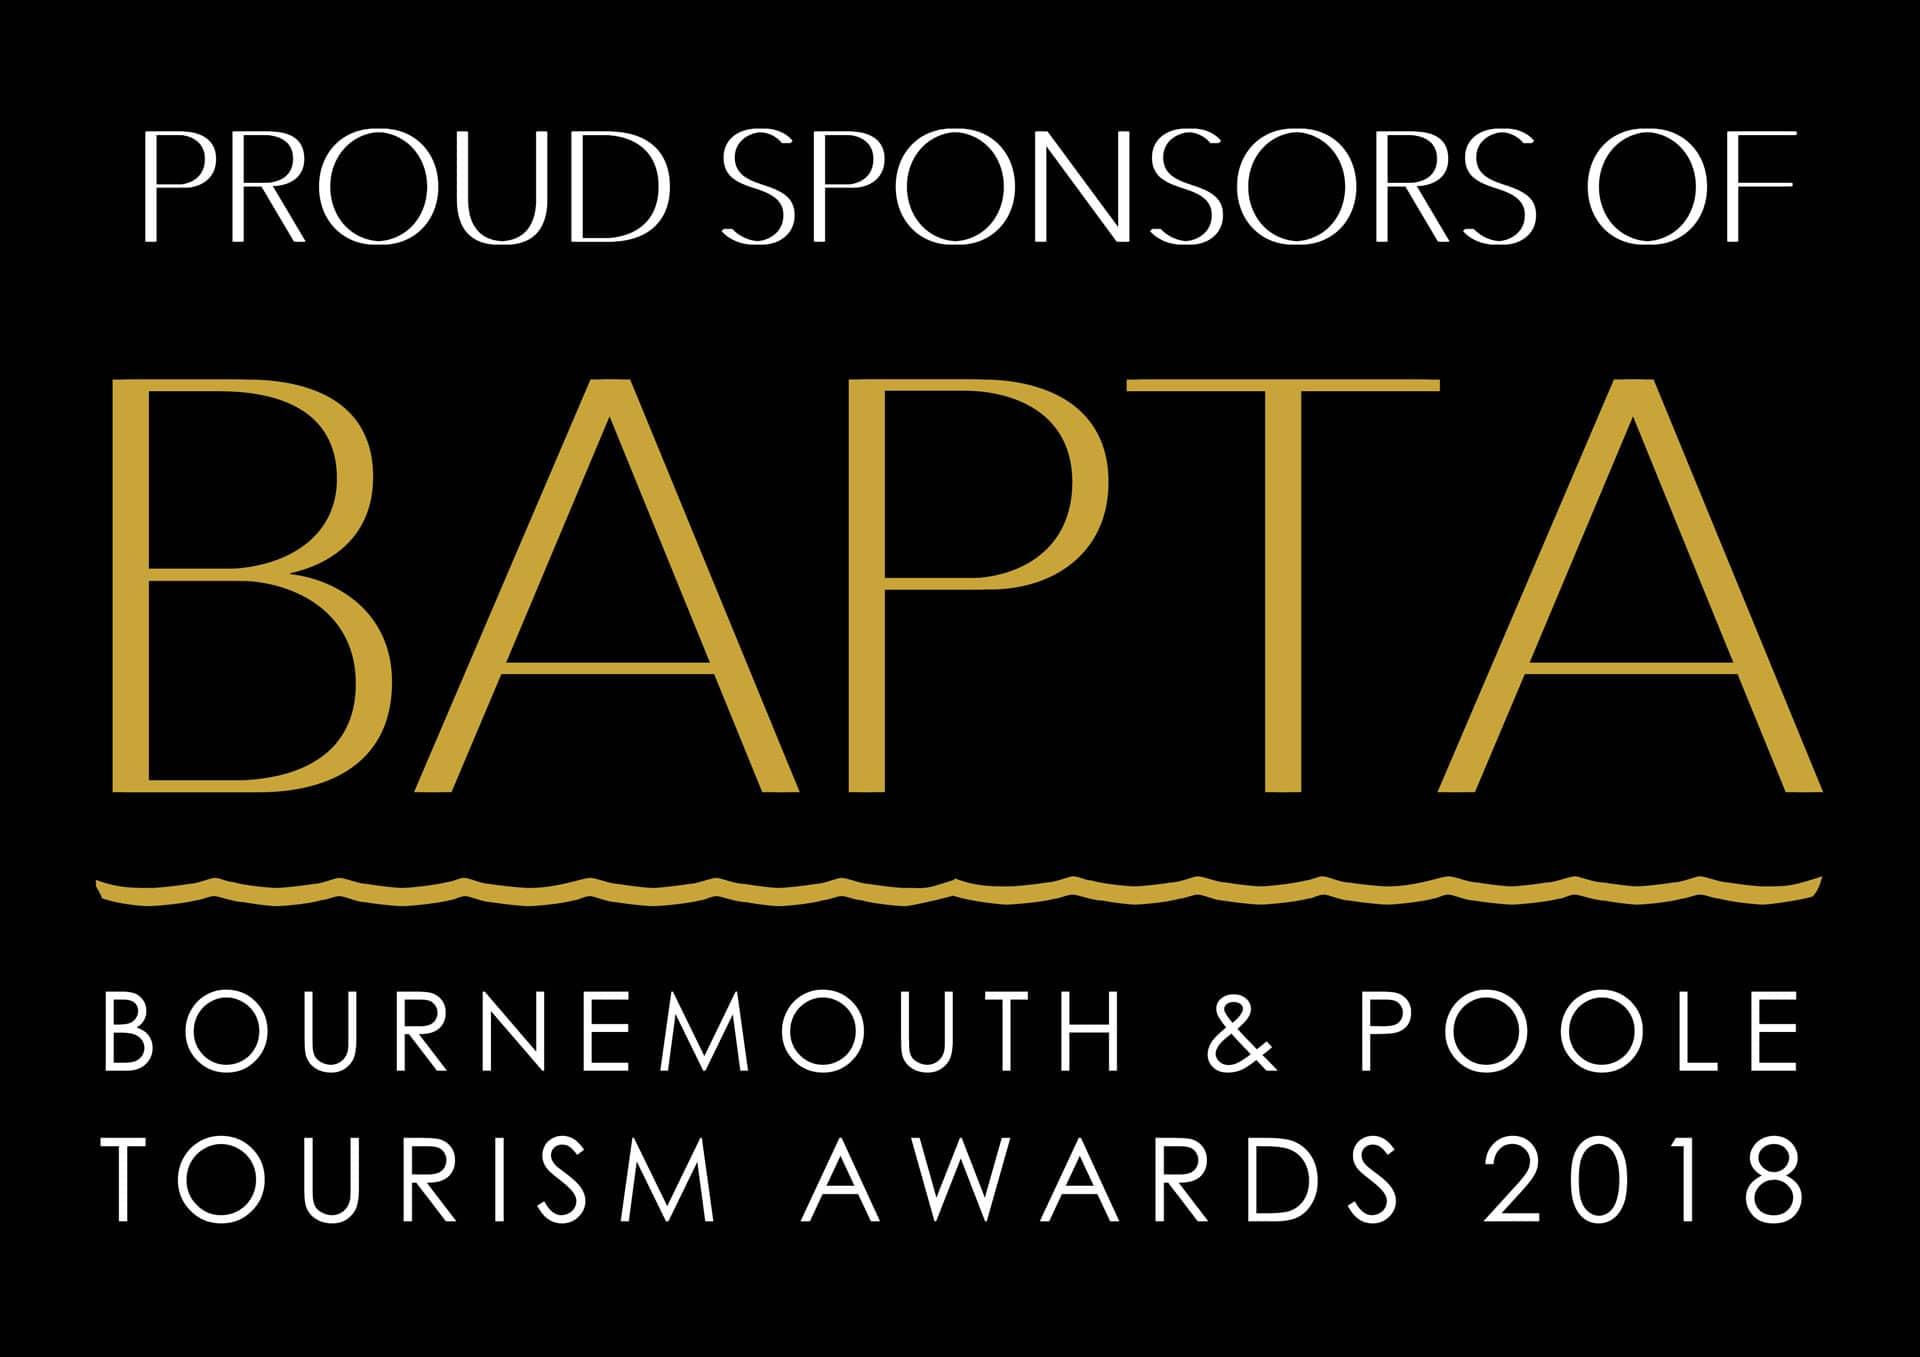 Proud sponsors of BAPTA